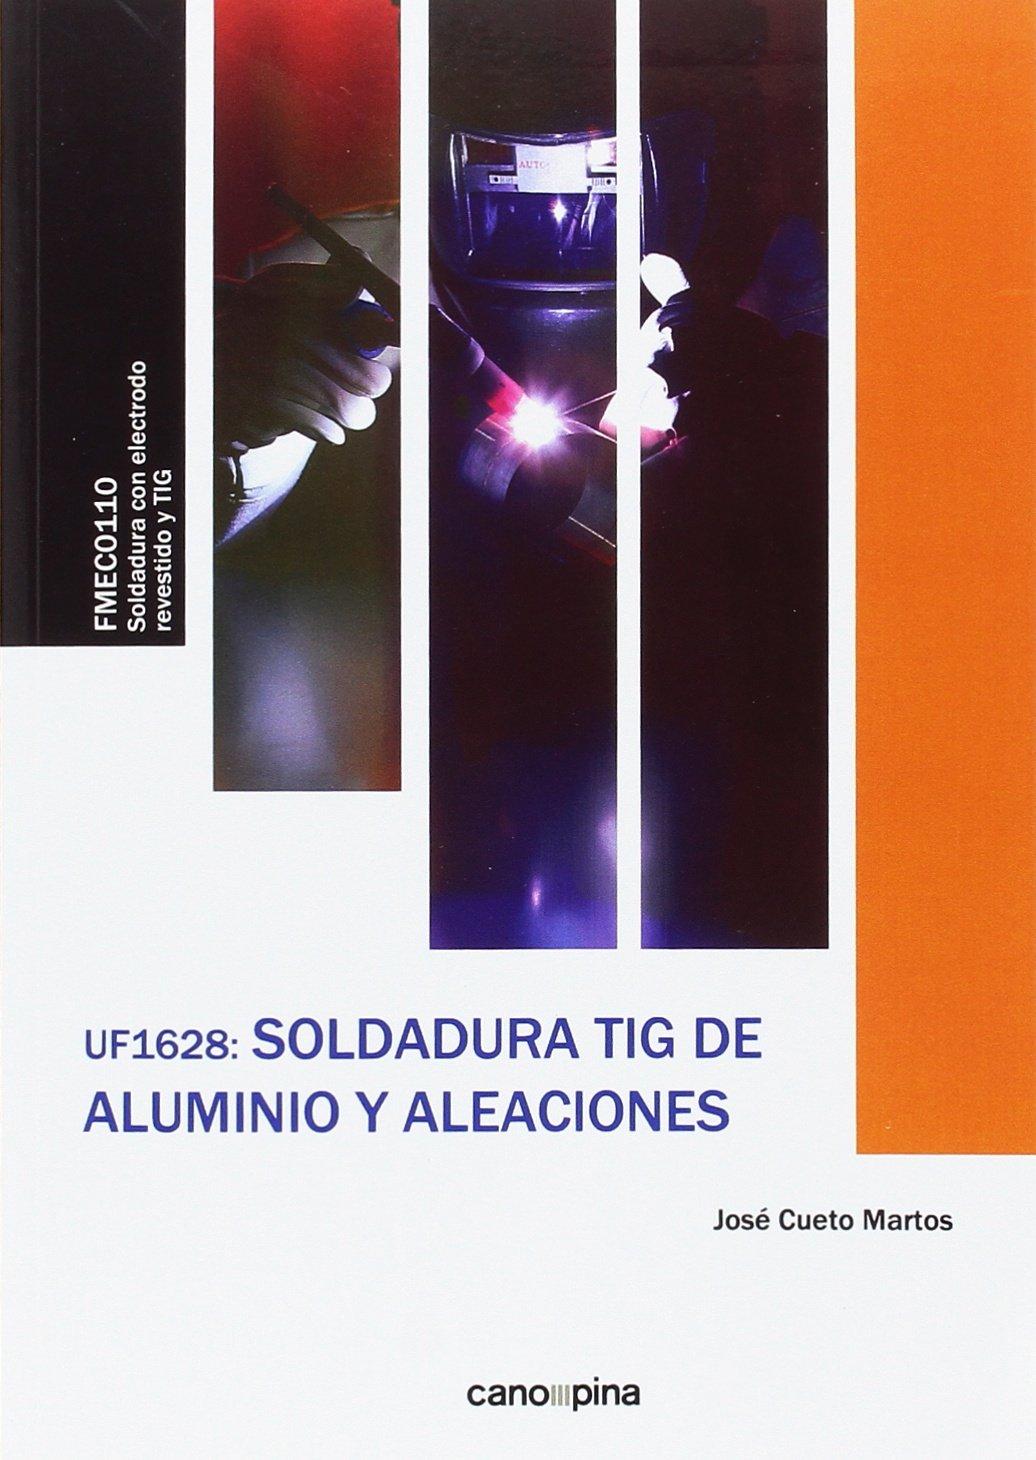 UF1628 Soldadura TIG de aluminio y aleaciones: Amazon.es: José Cueto Martos: Libros